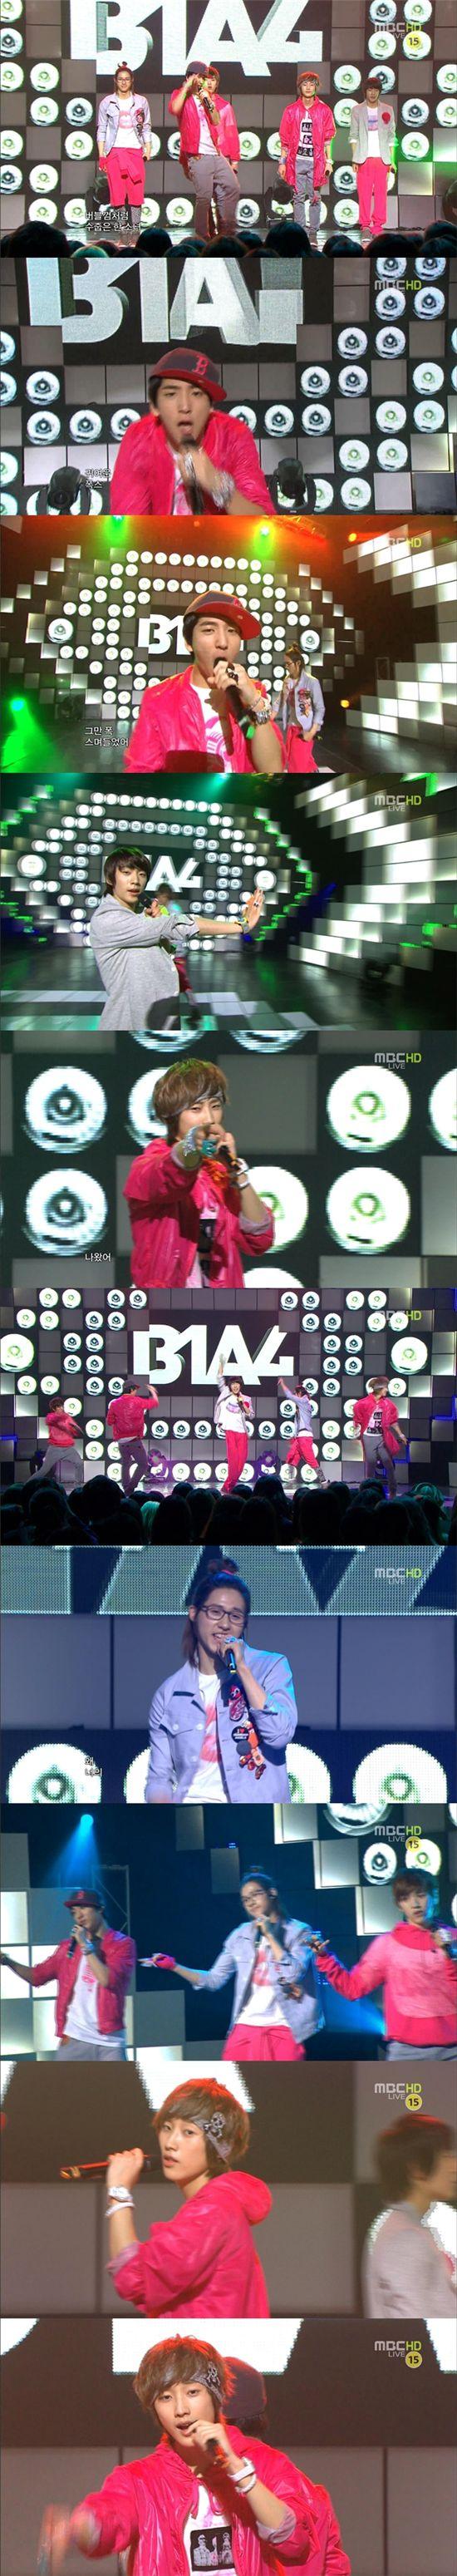 베일벗은 B1A4, 신인맞아? 외모+춤+노래↑··3박자 조화 | 인스티즈